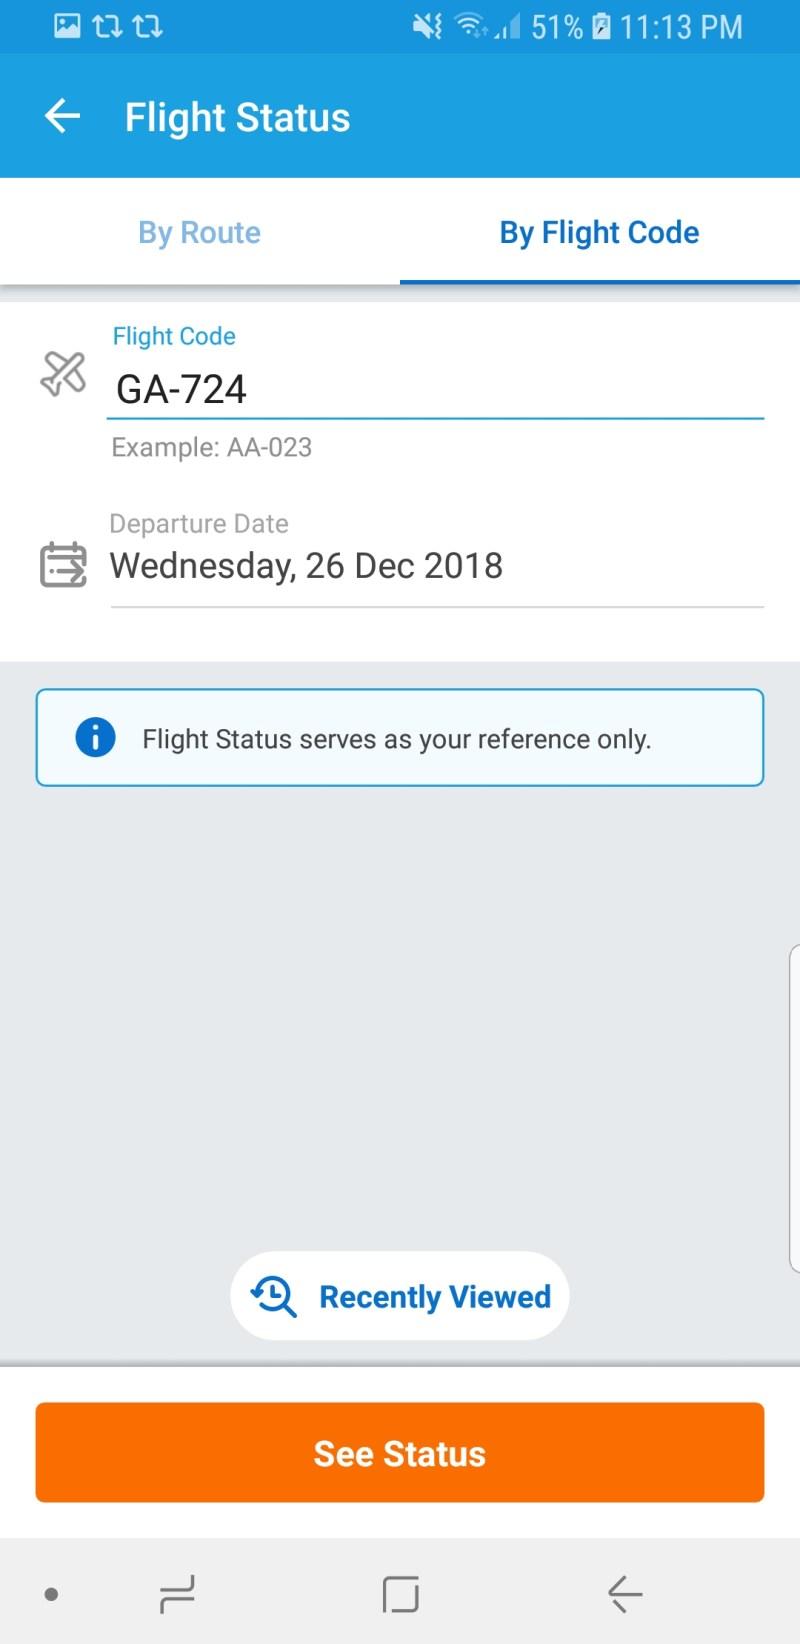 Cara menggunakan fitur Flight Status Traveloka ini sangat mudah sekali kok!